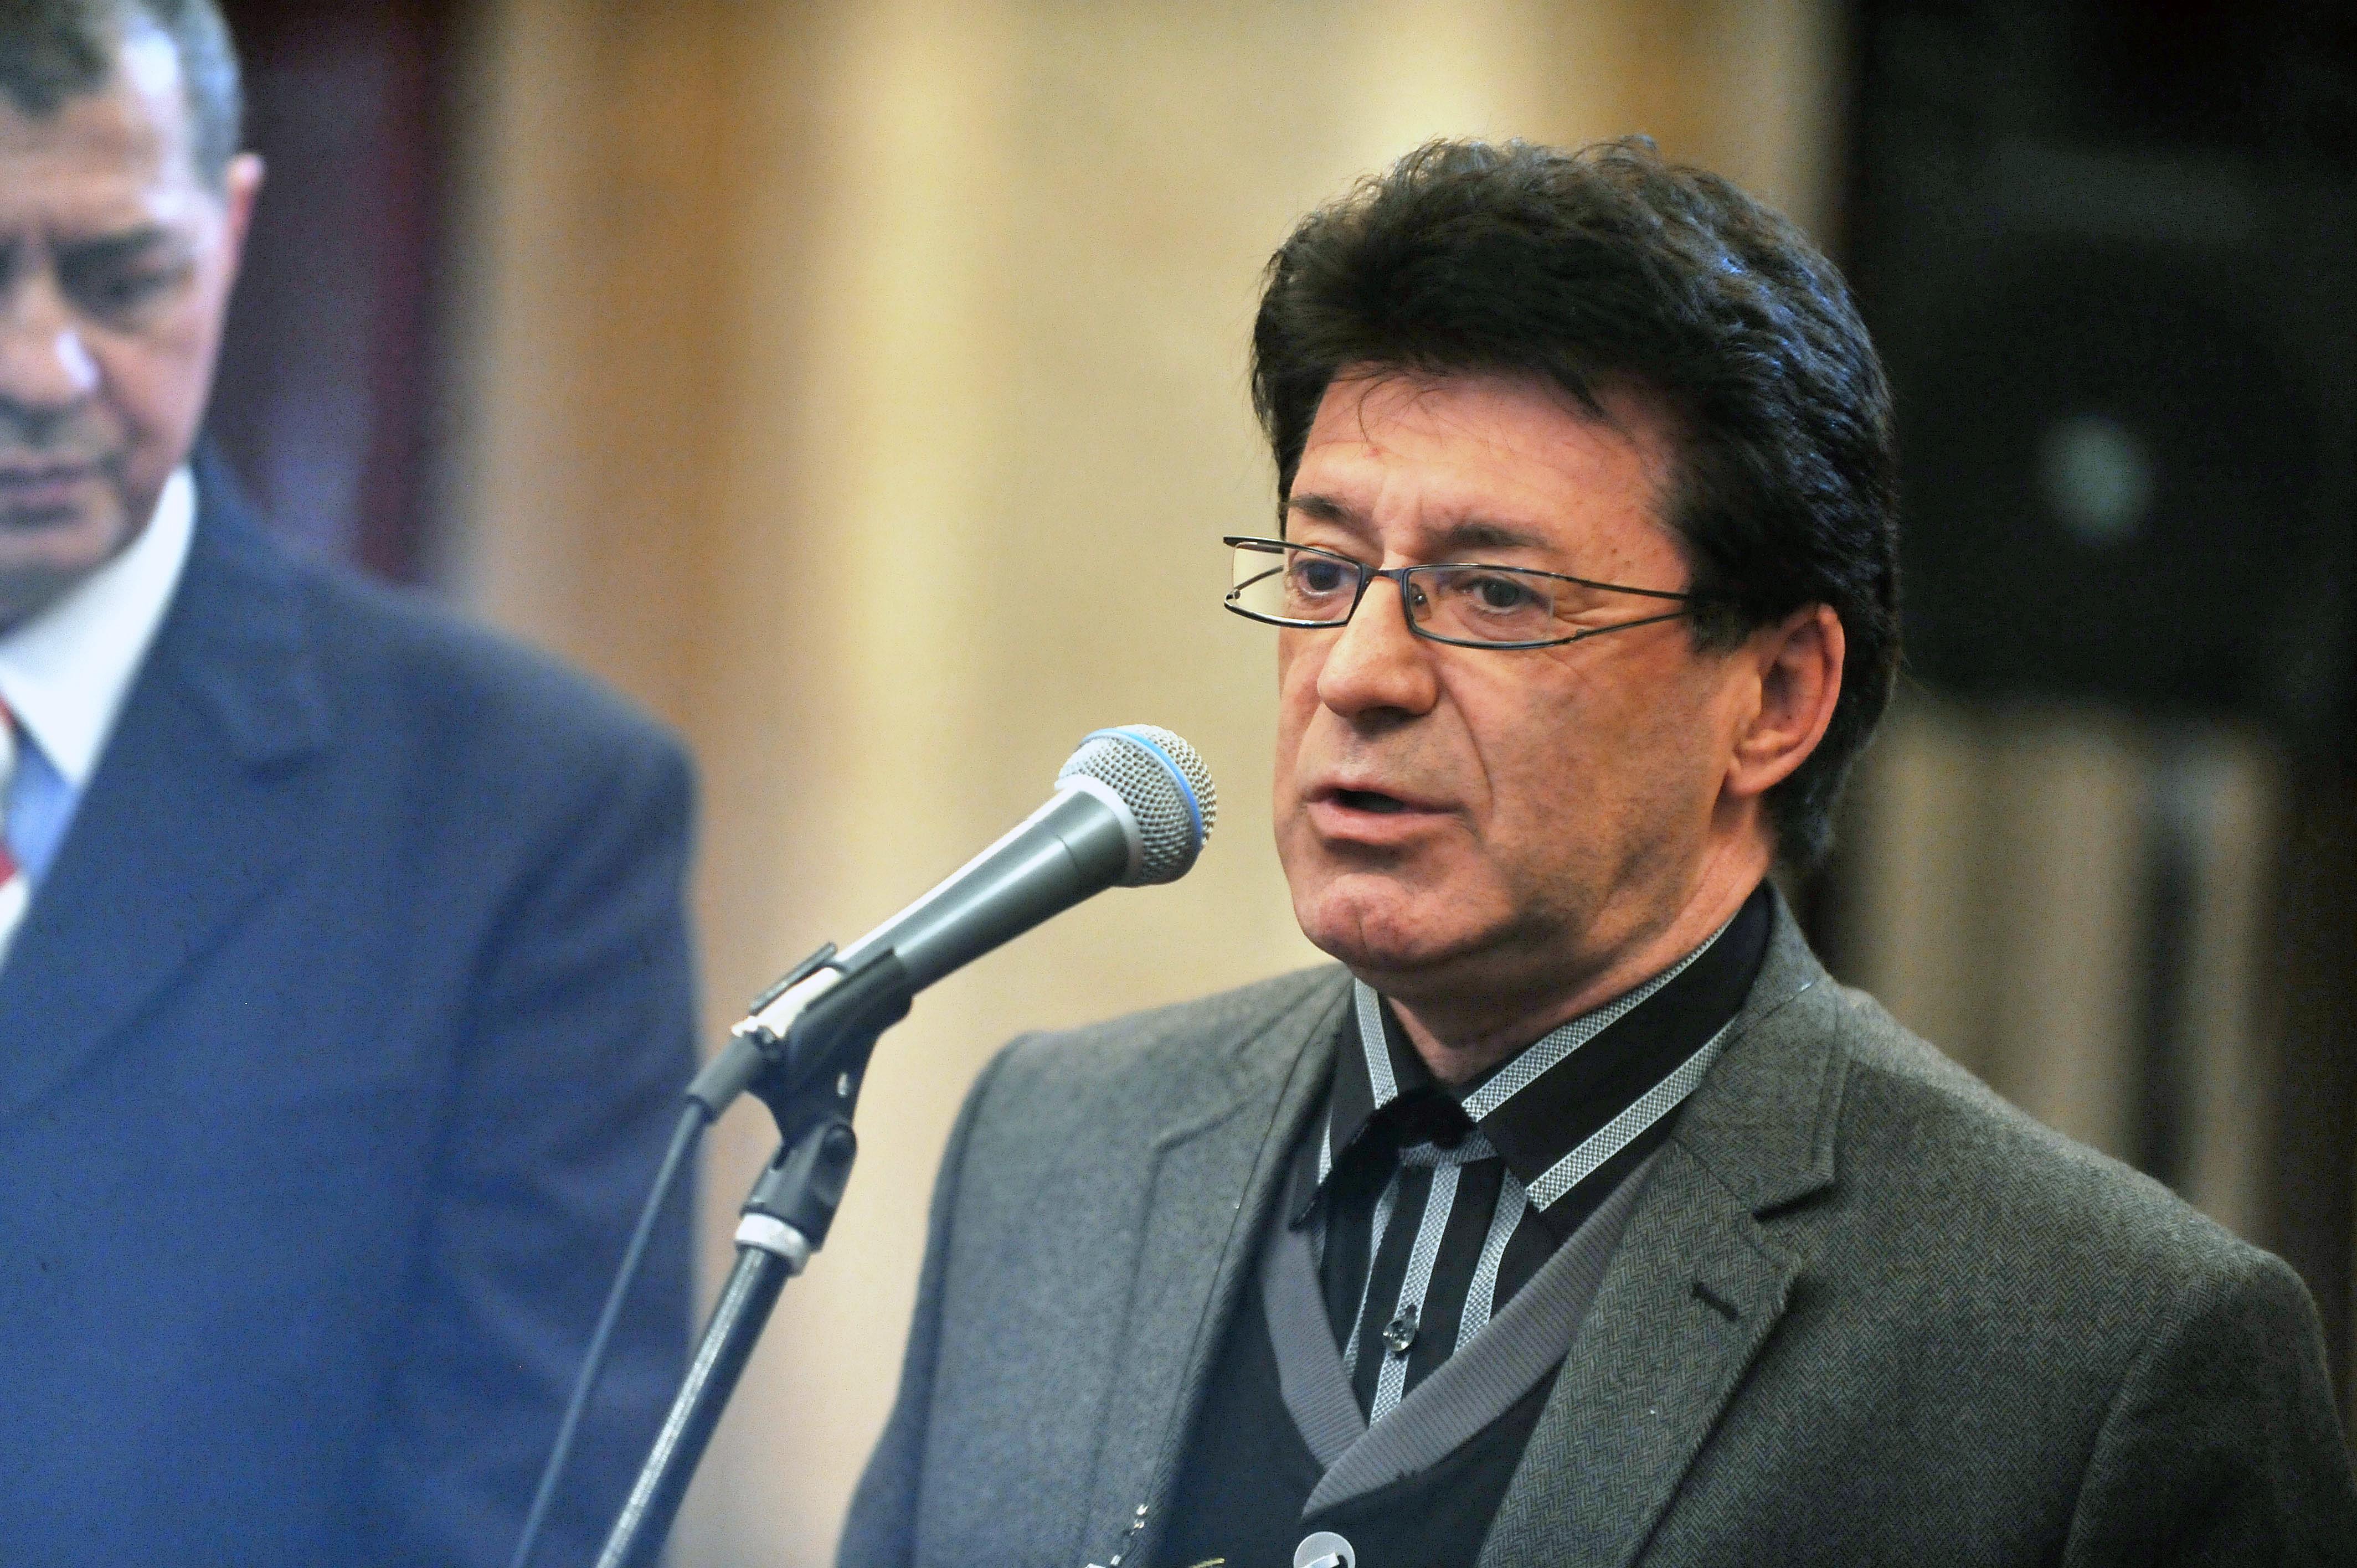 Gabriel Dorobanțu, audiat în dosarul vedetelor care s-au trezit fără bani în conturi după furtul de identitate